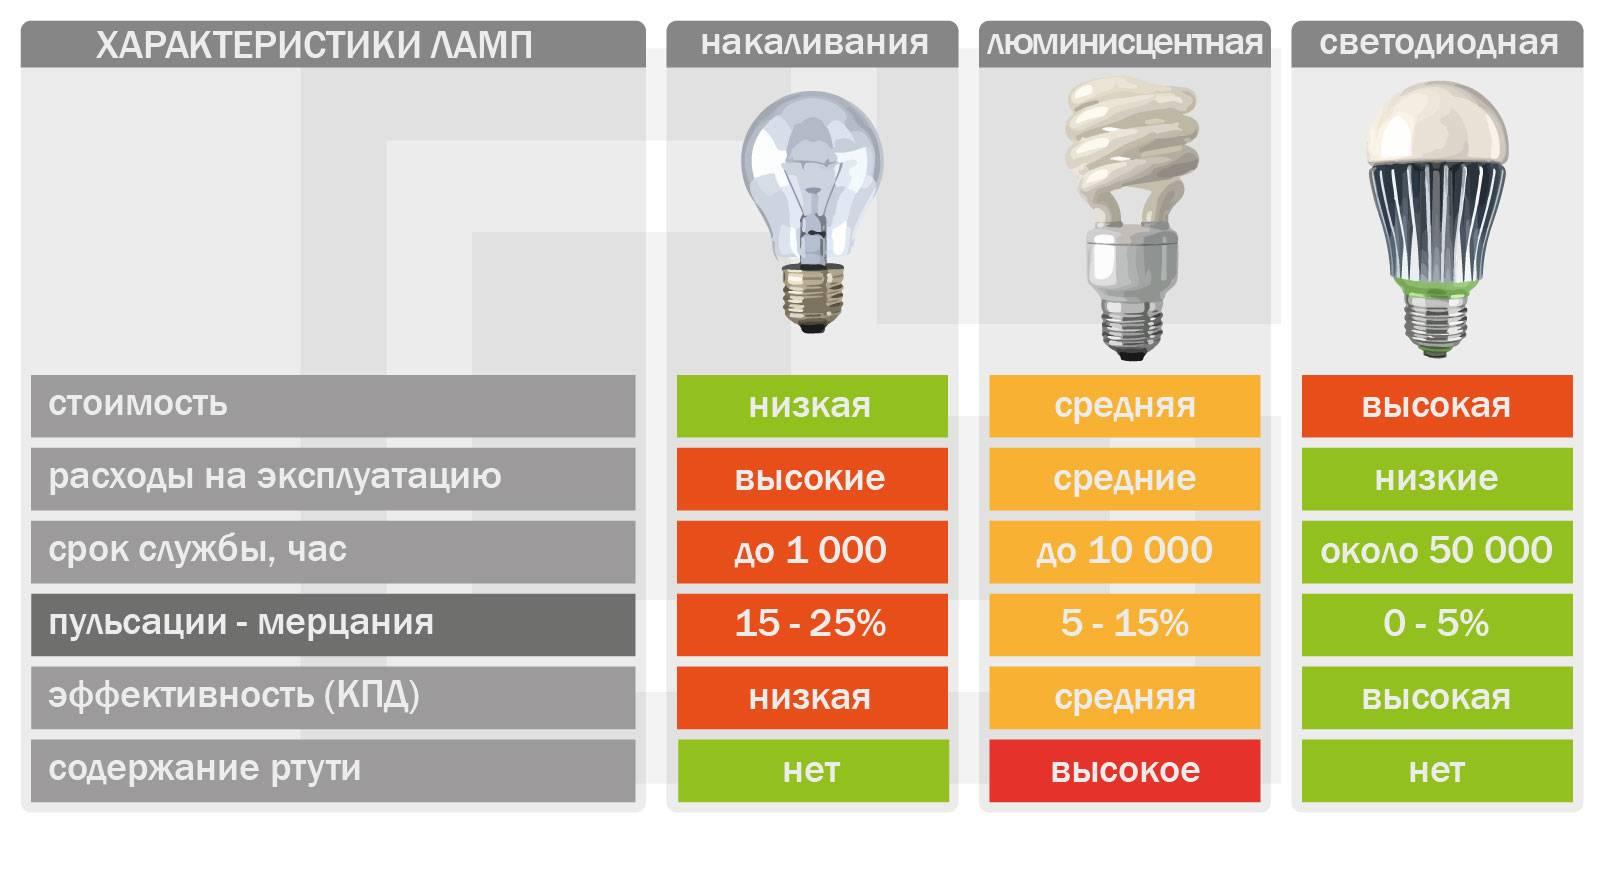 Подбор лампы с хорошим индексом цветопередачи.